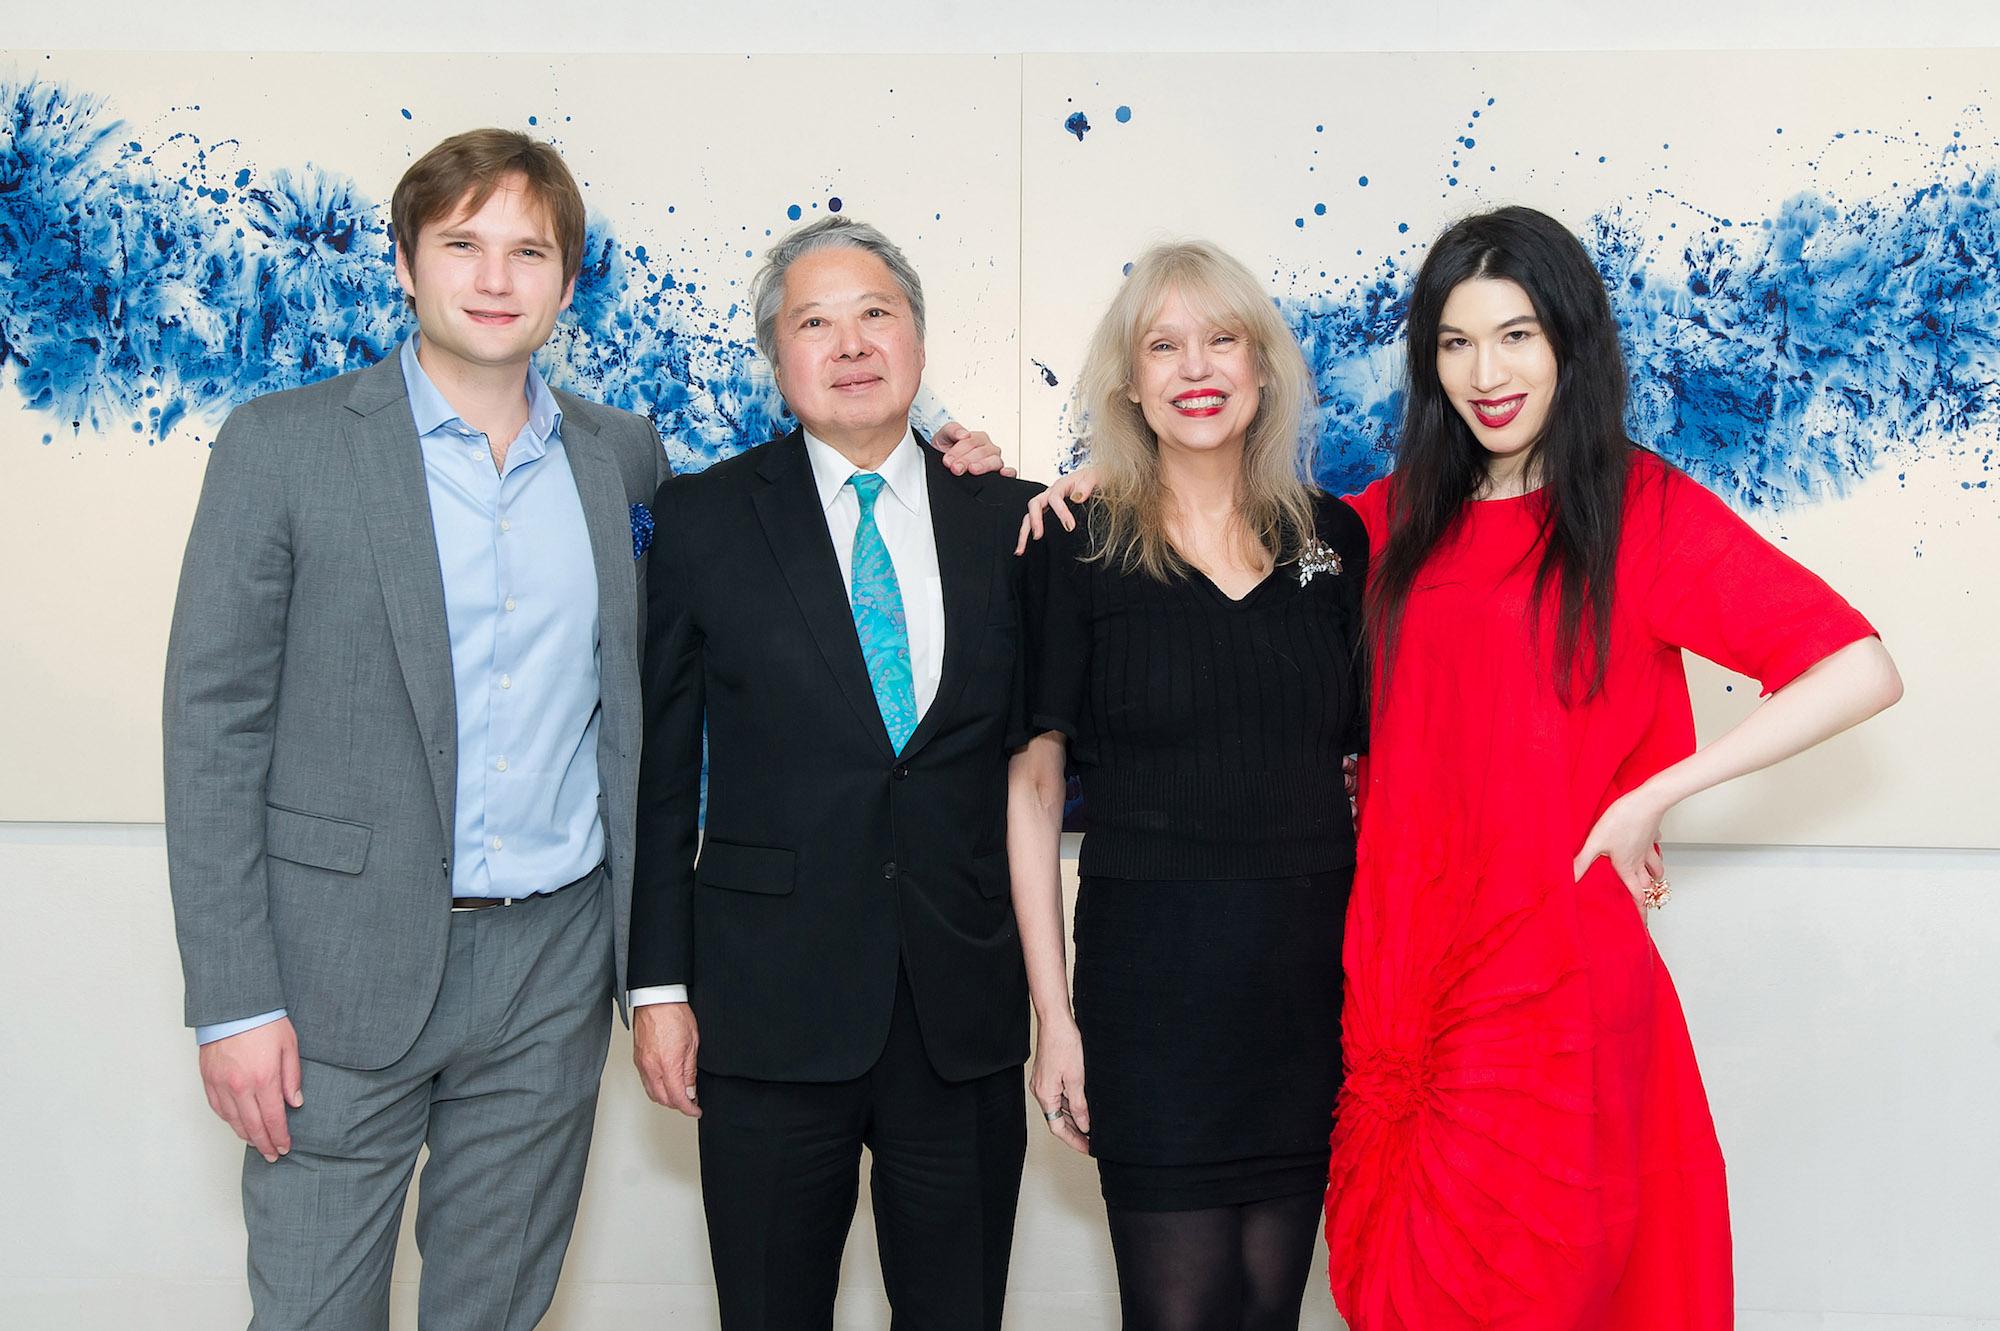 Trevor Ho, George Ho, Paulette Ho, Chloe Ho